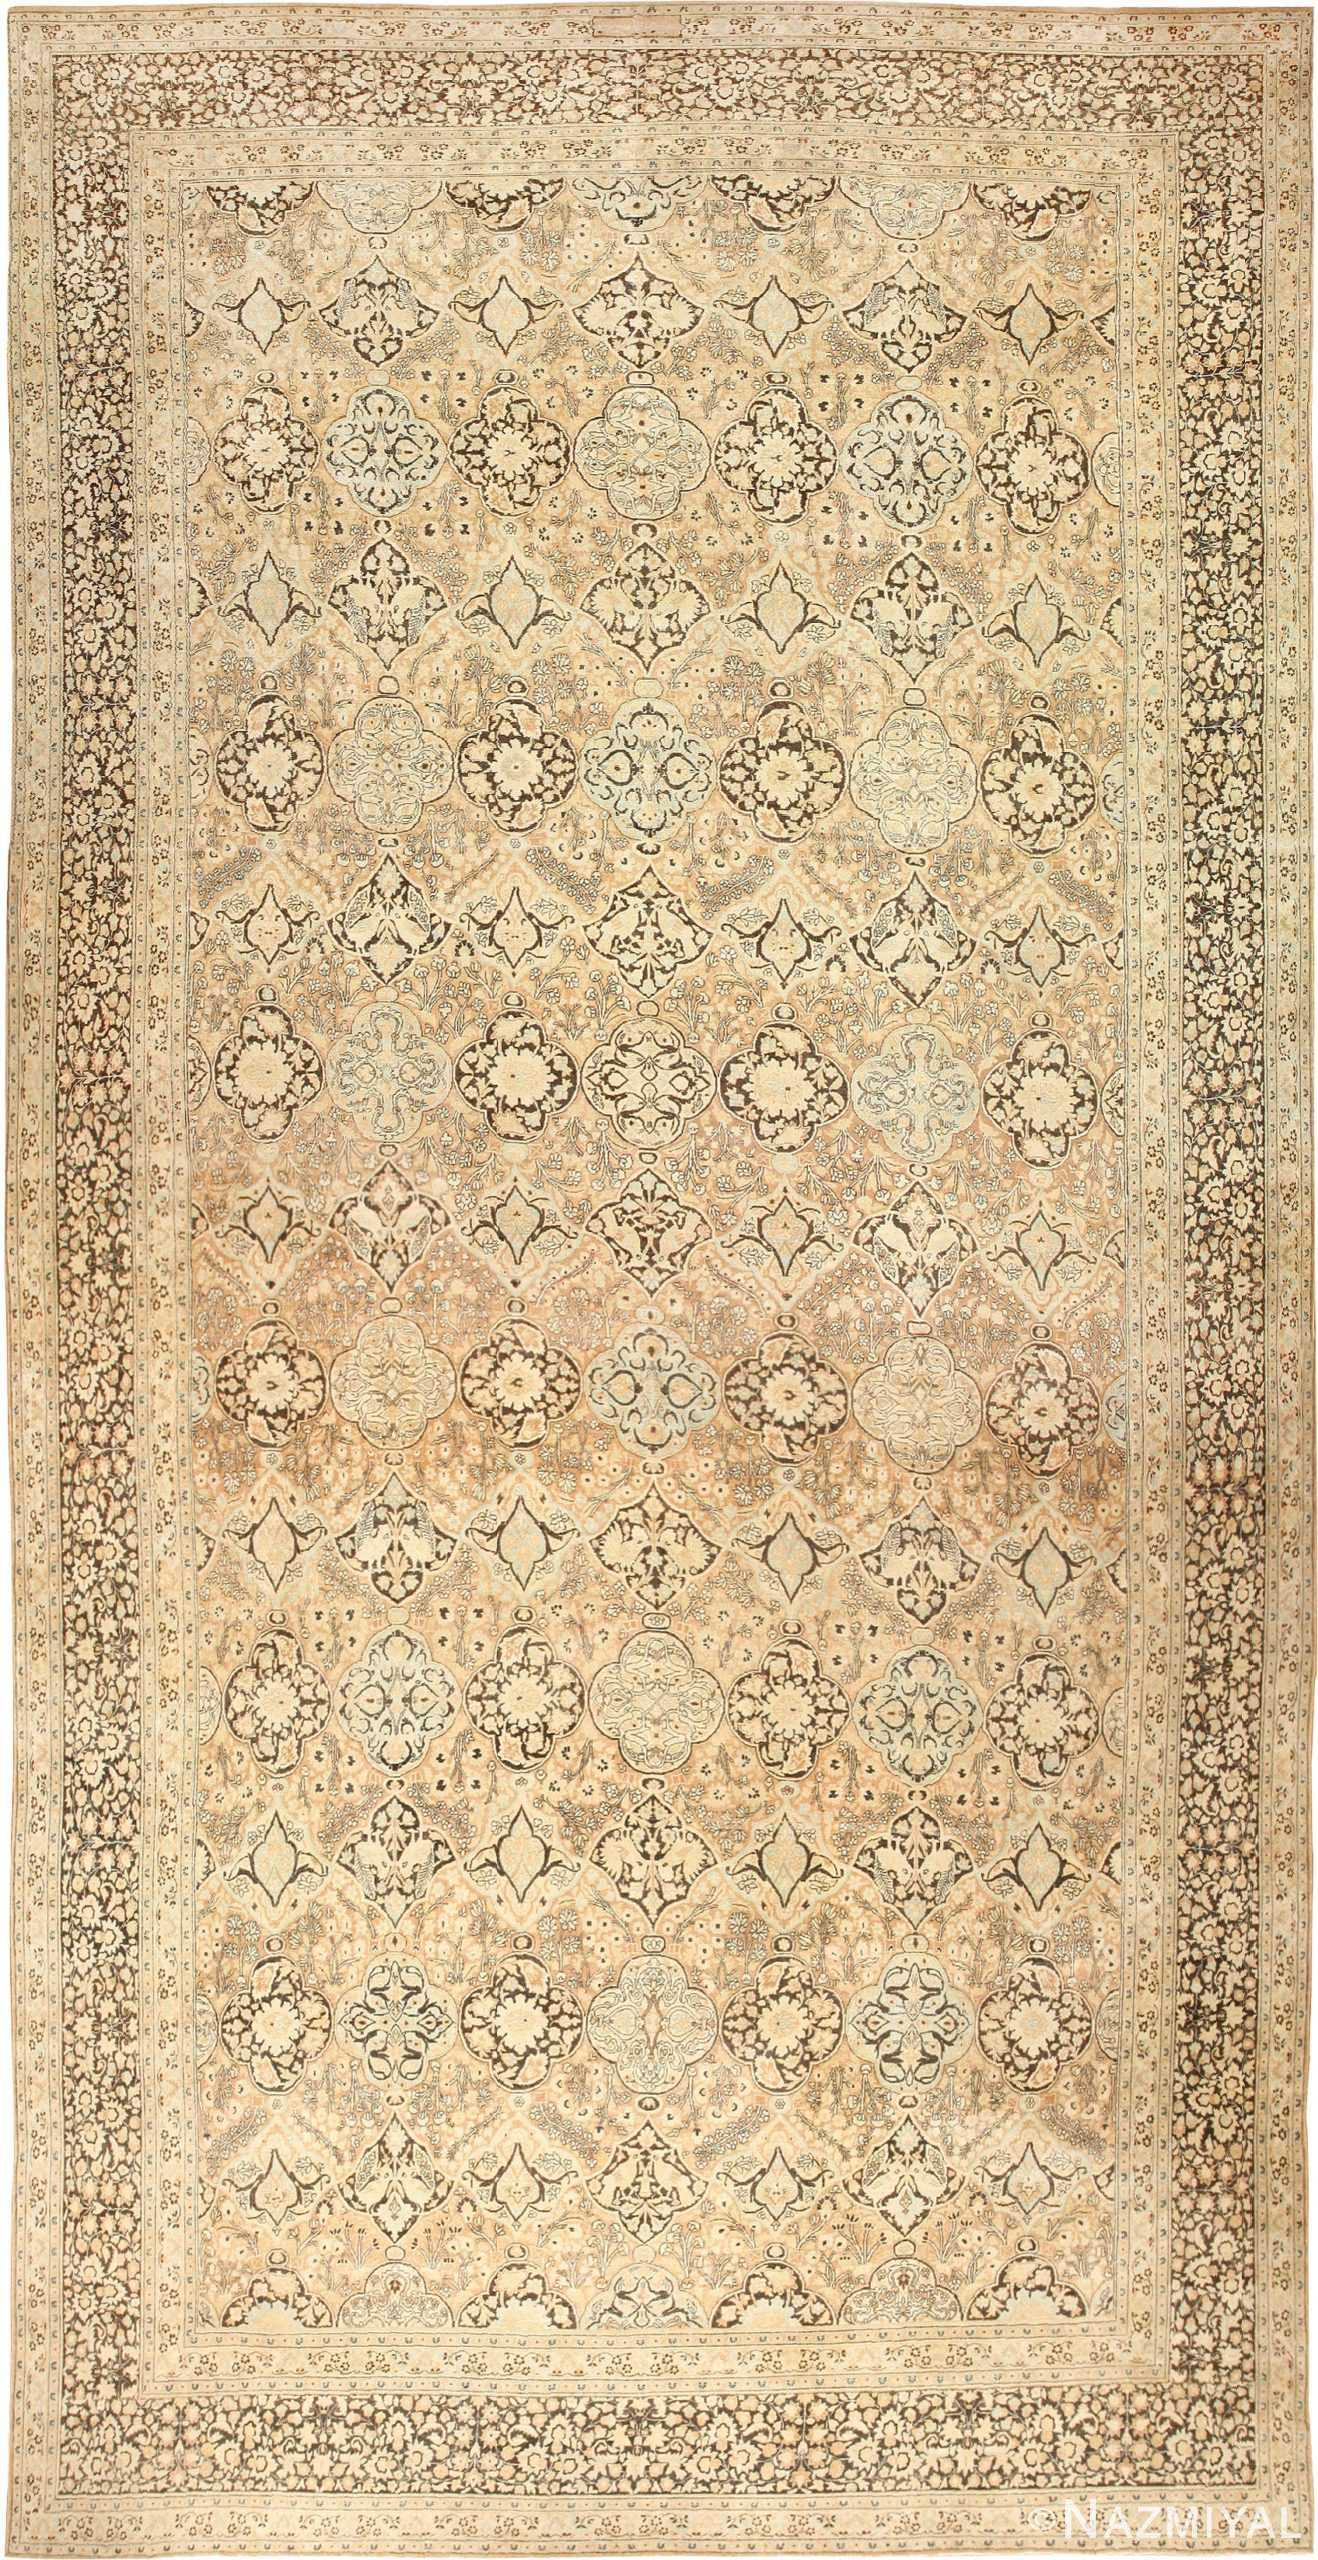 Large Oversized Antique Persian Khorassan Rug 48922 Nazmiyal